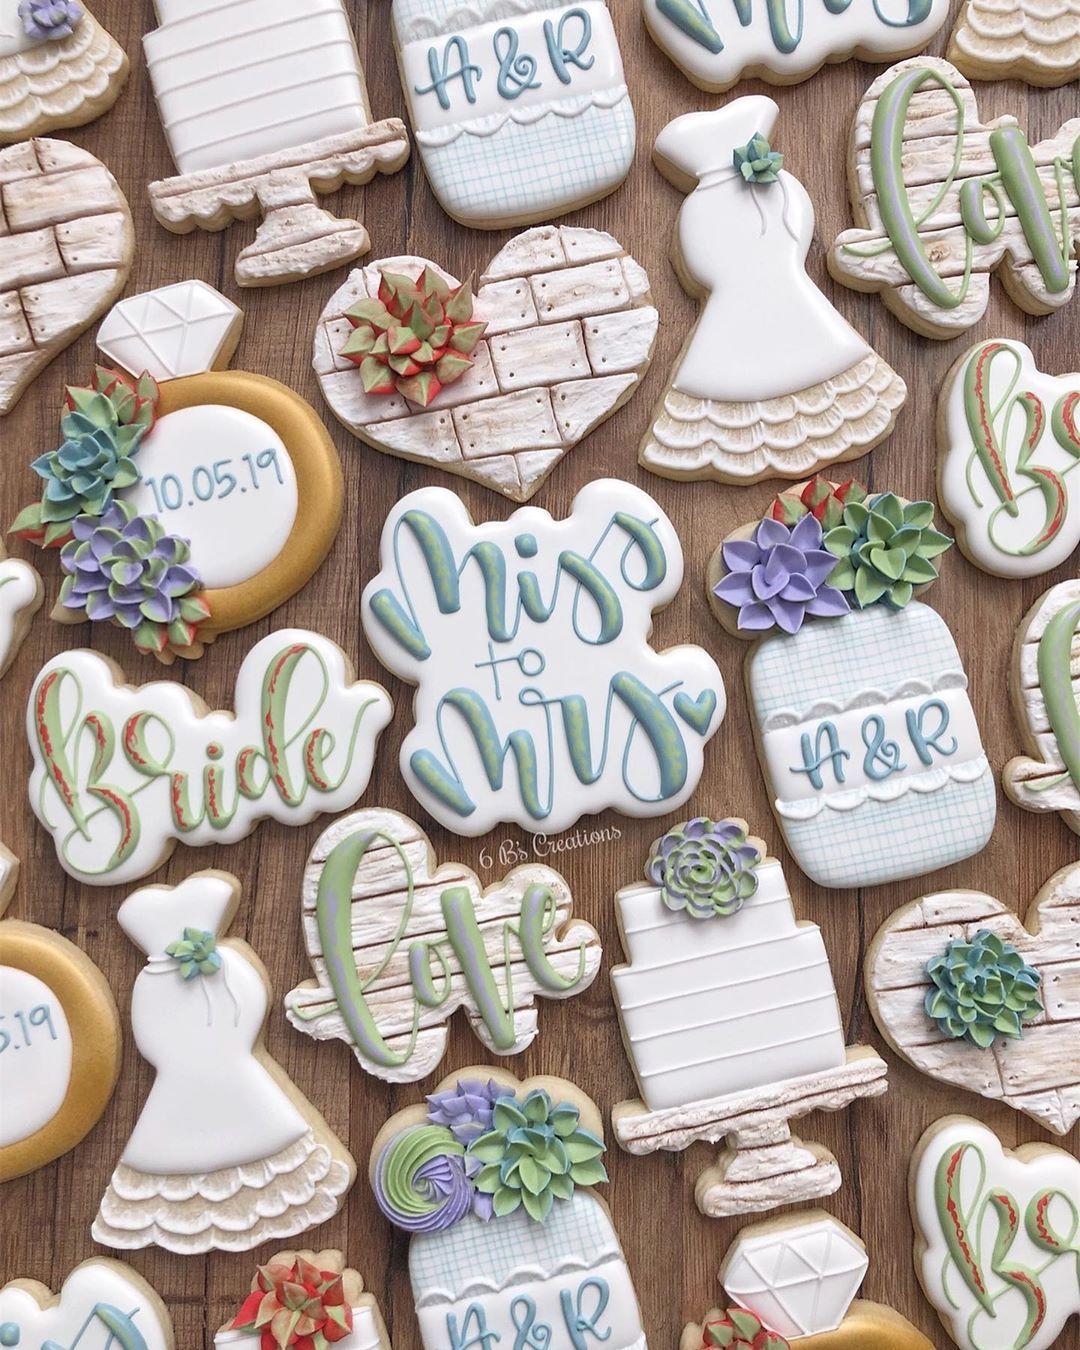 Bridal shower cookies image by meg fink on bridal shower